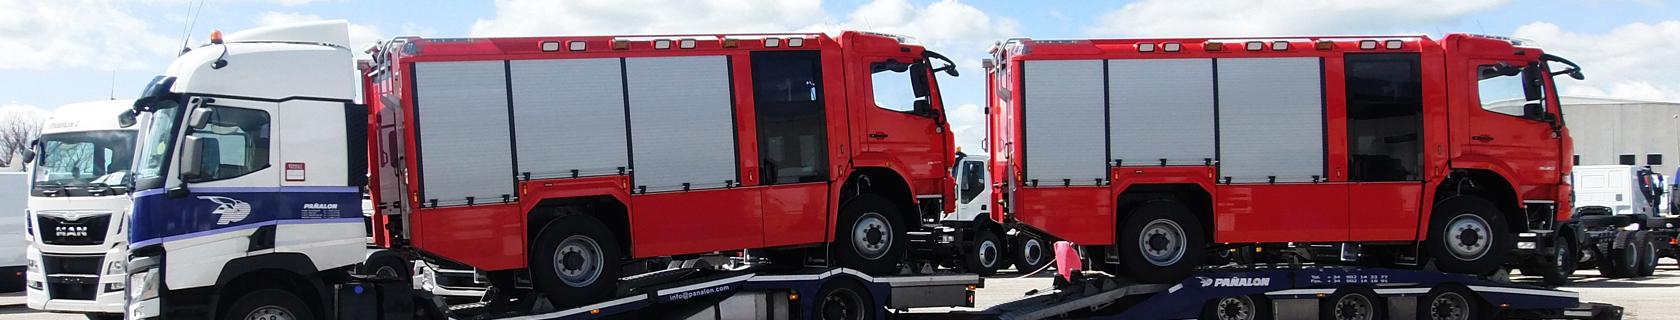 Camiones de bomberos en portavehiculos Pañalón